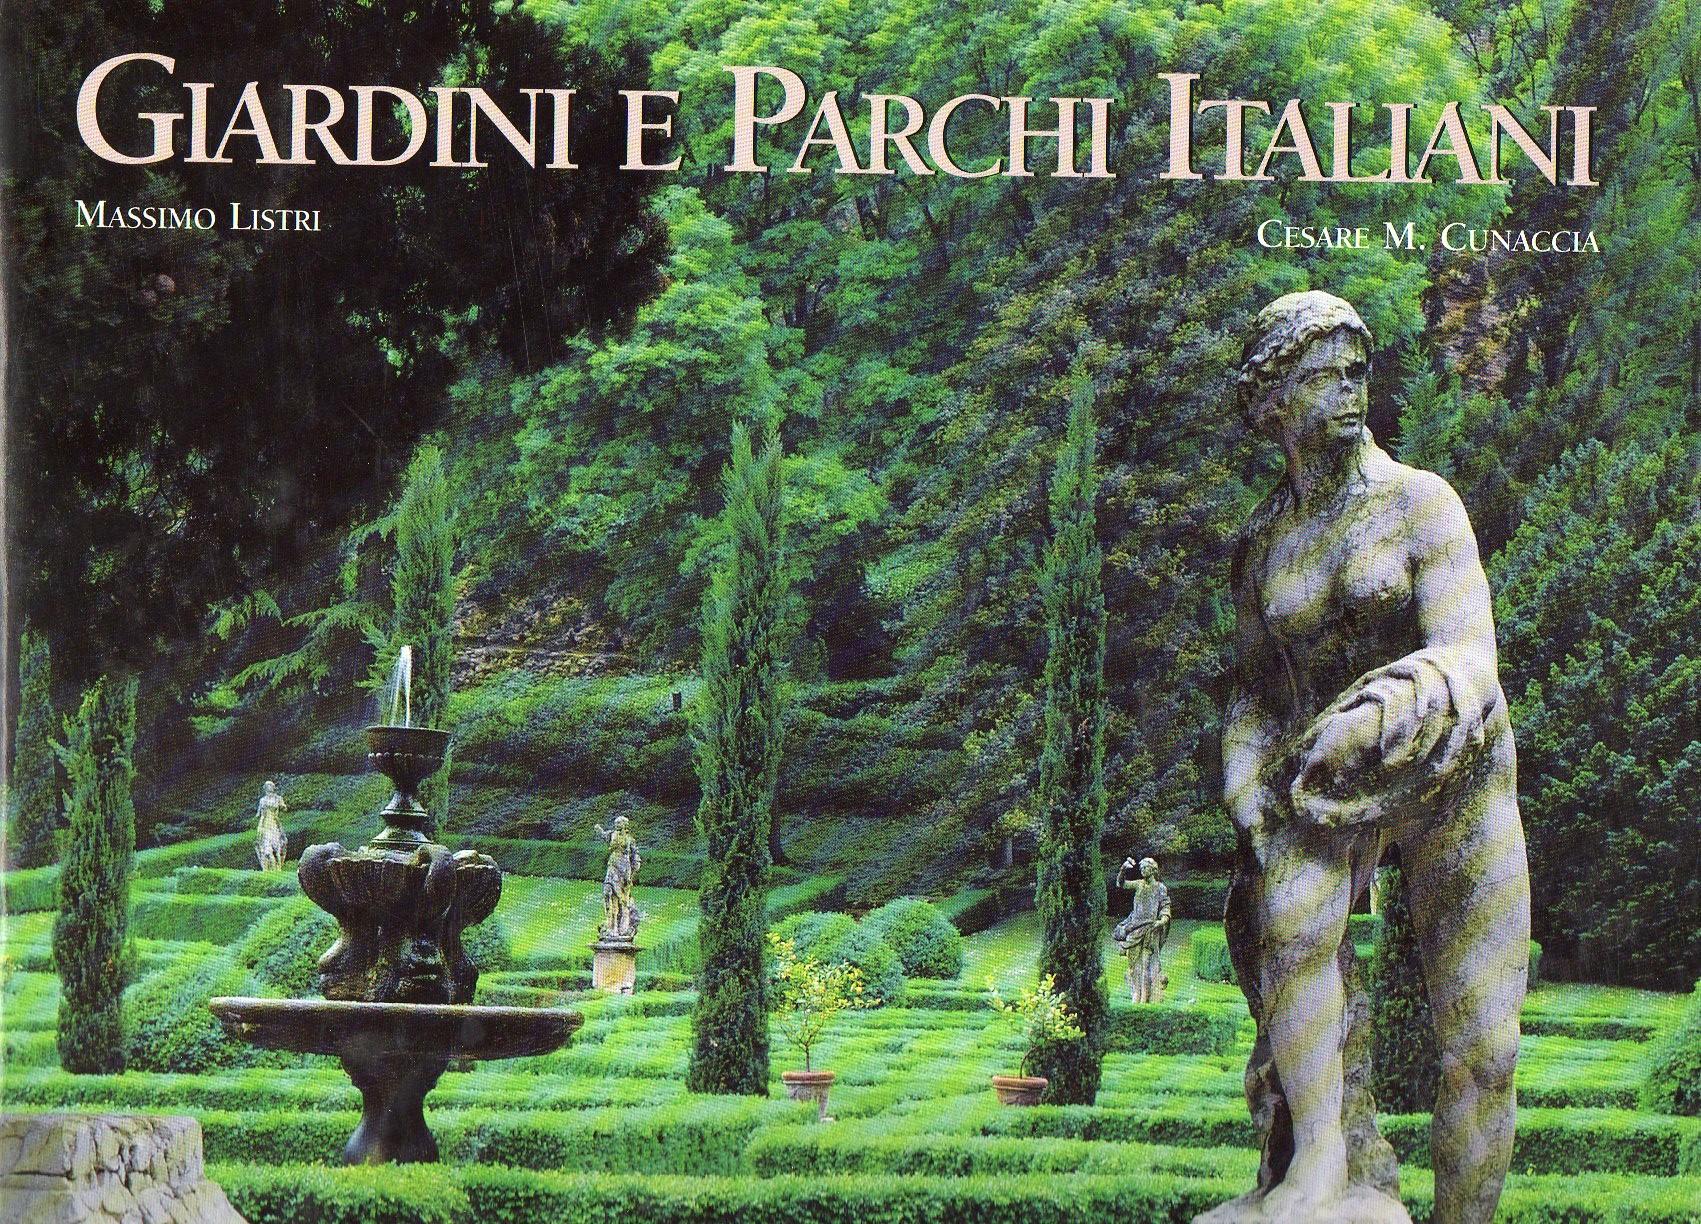 Giardini e parchi italiani